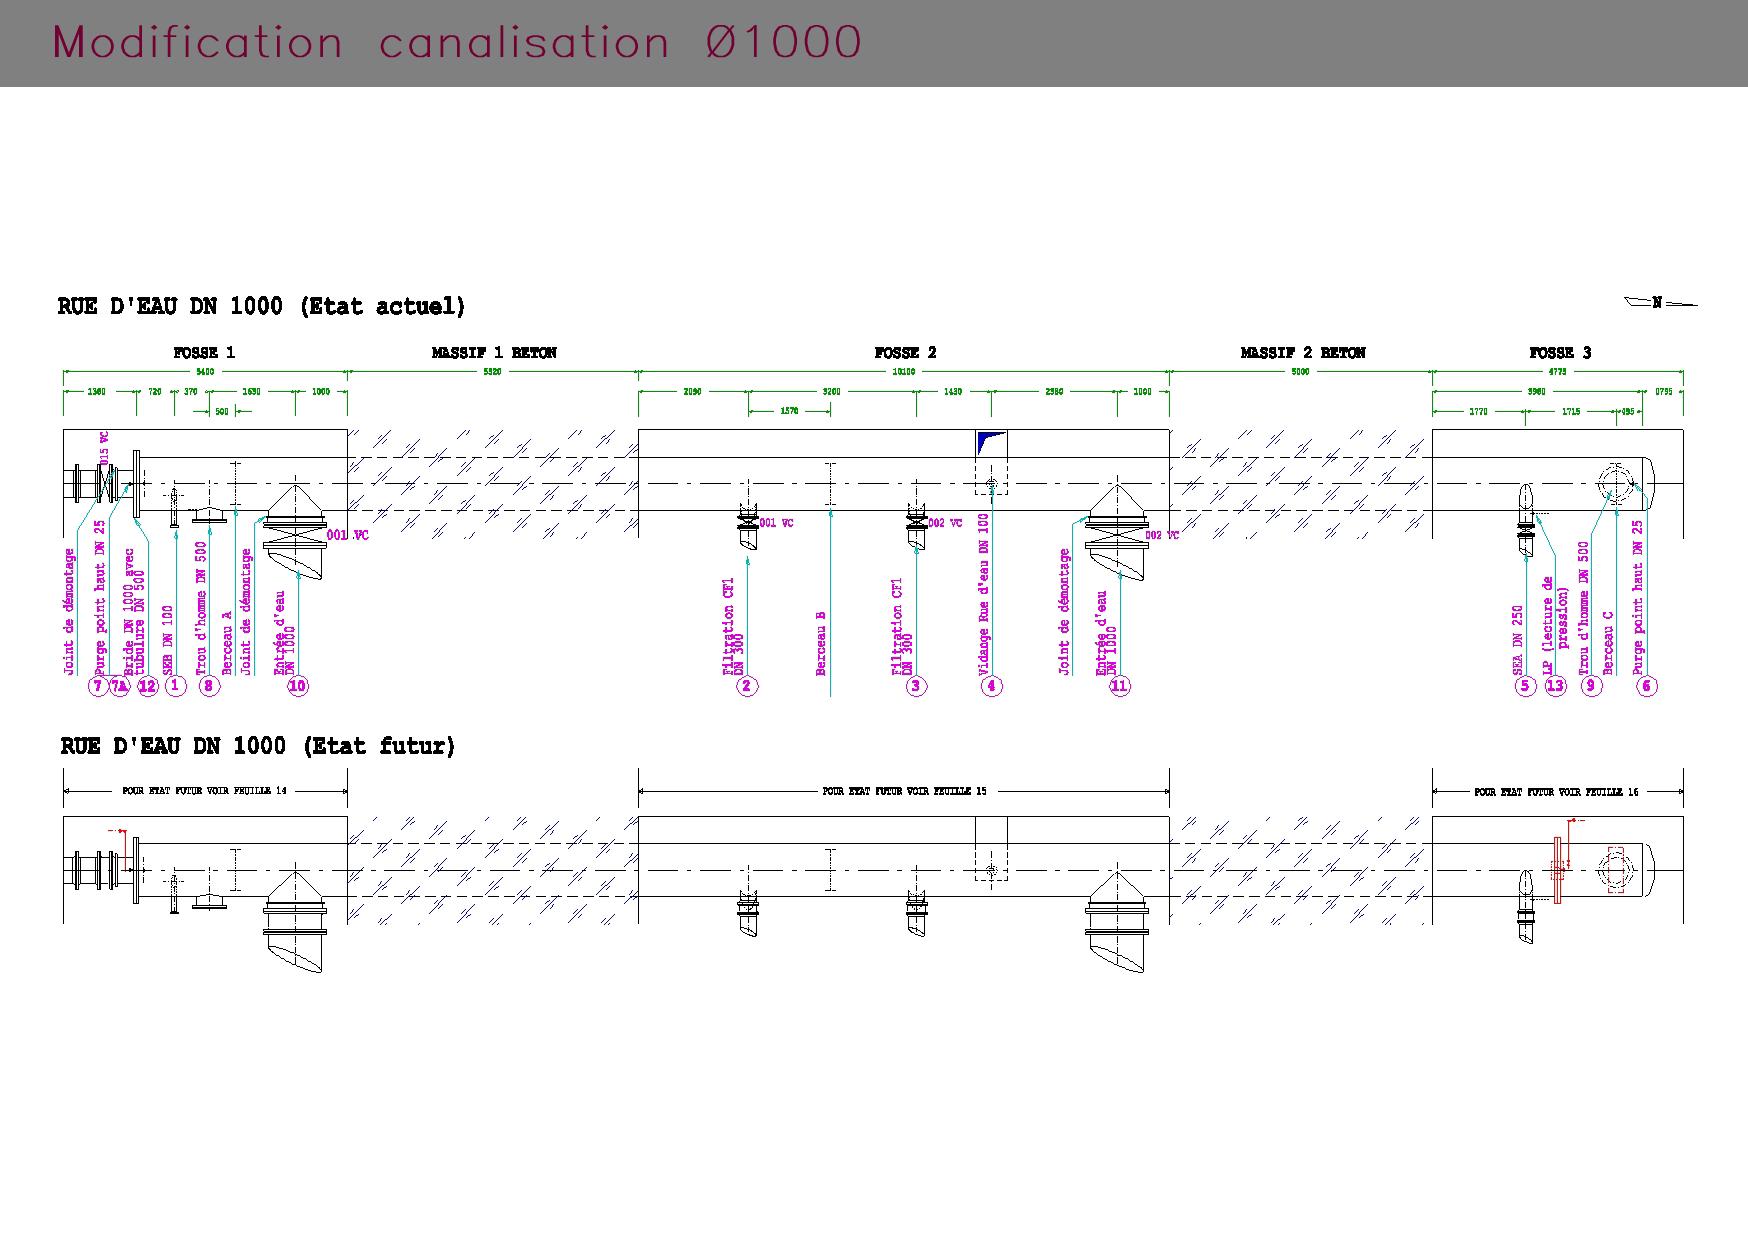 Rue d'eau : plan de modification de canalisation DN1000